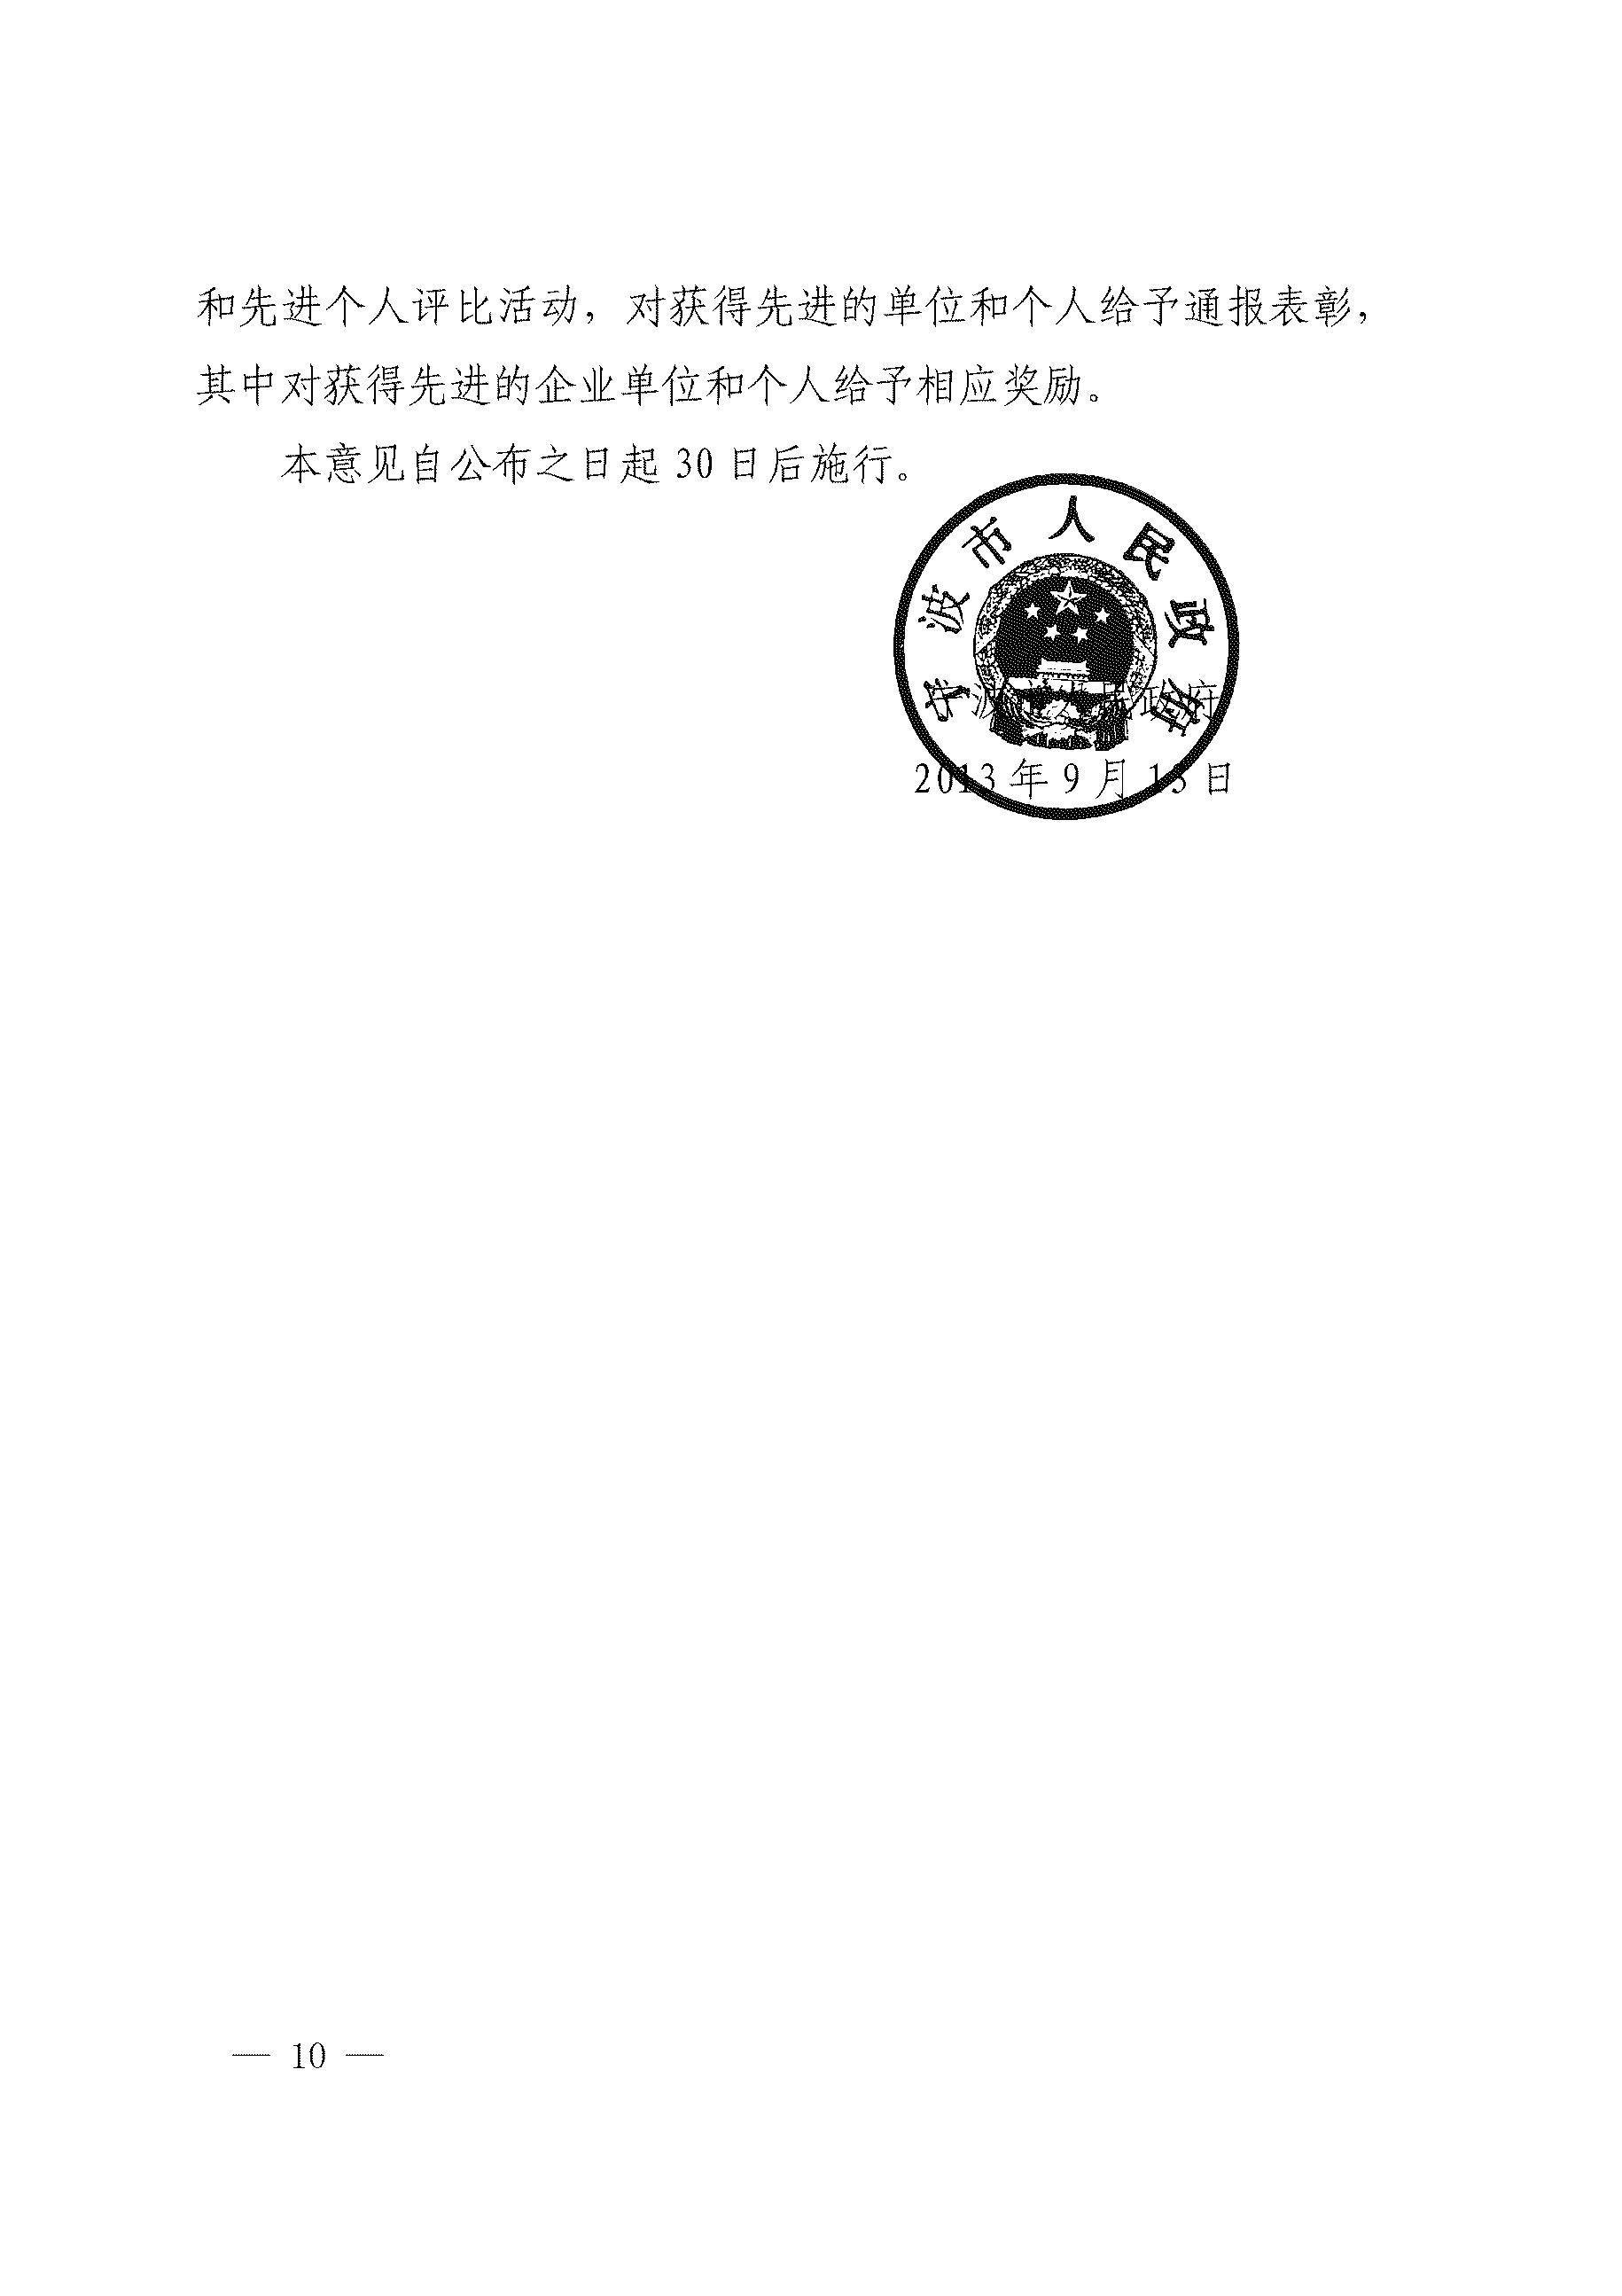 【新】博猫登录网址市人民政府关于进一步推进区域性国际会展之都建设的若干意见_p10.jpg